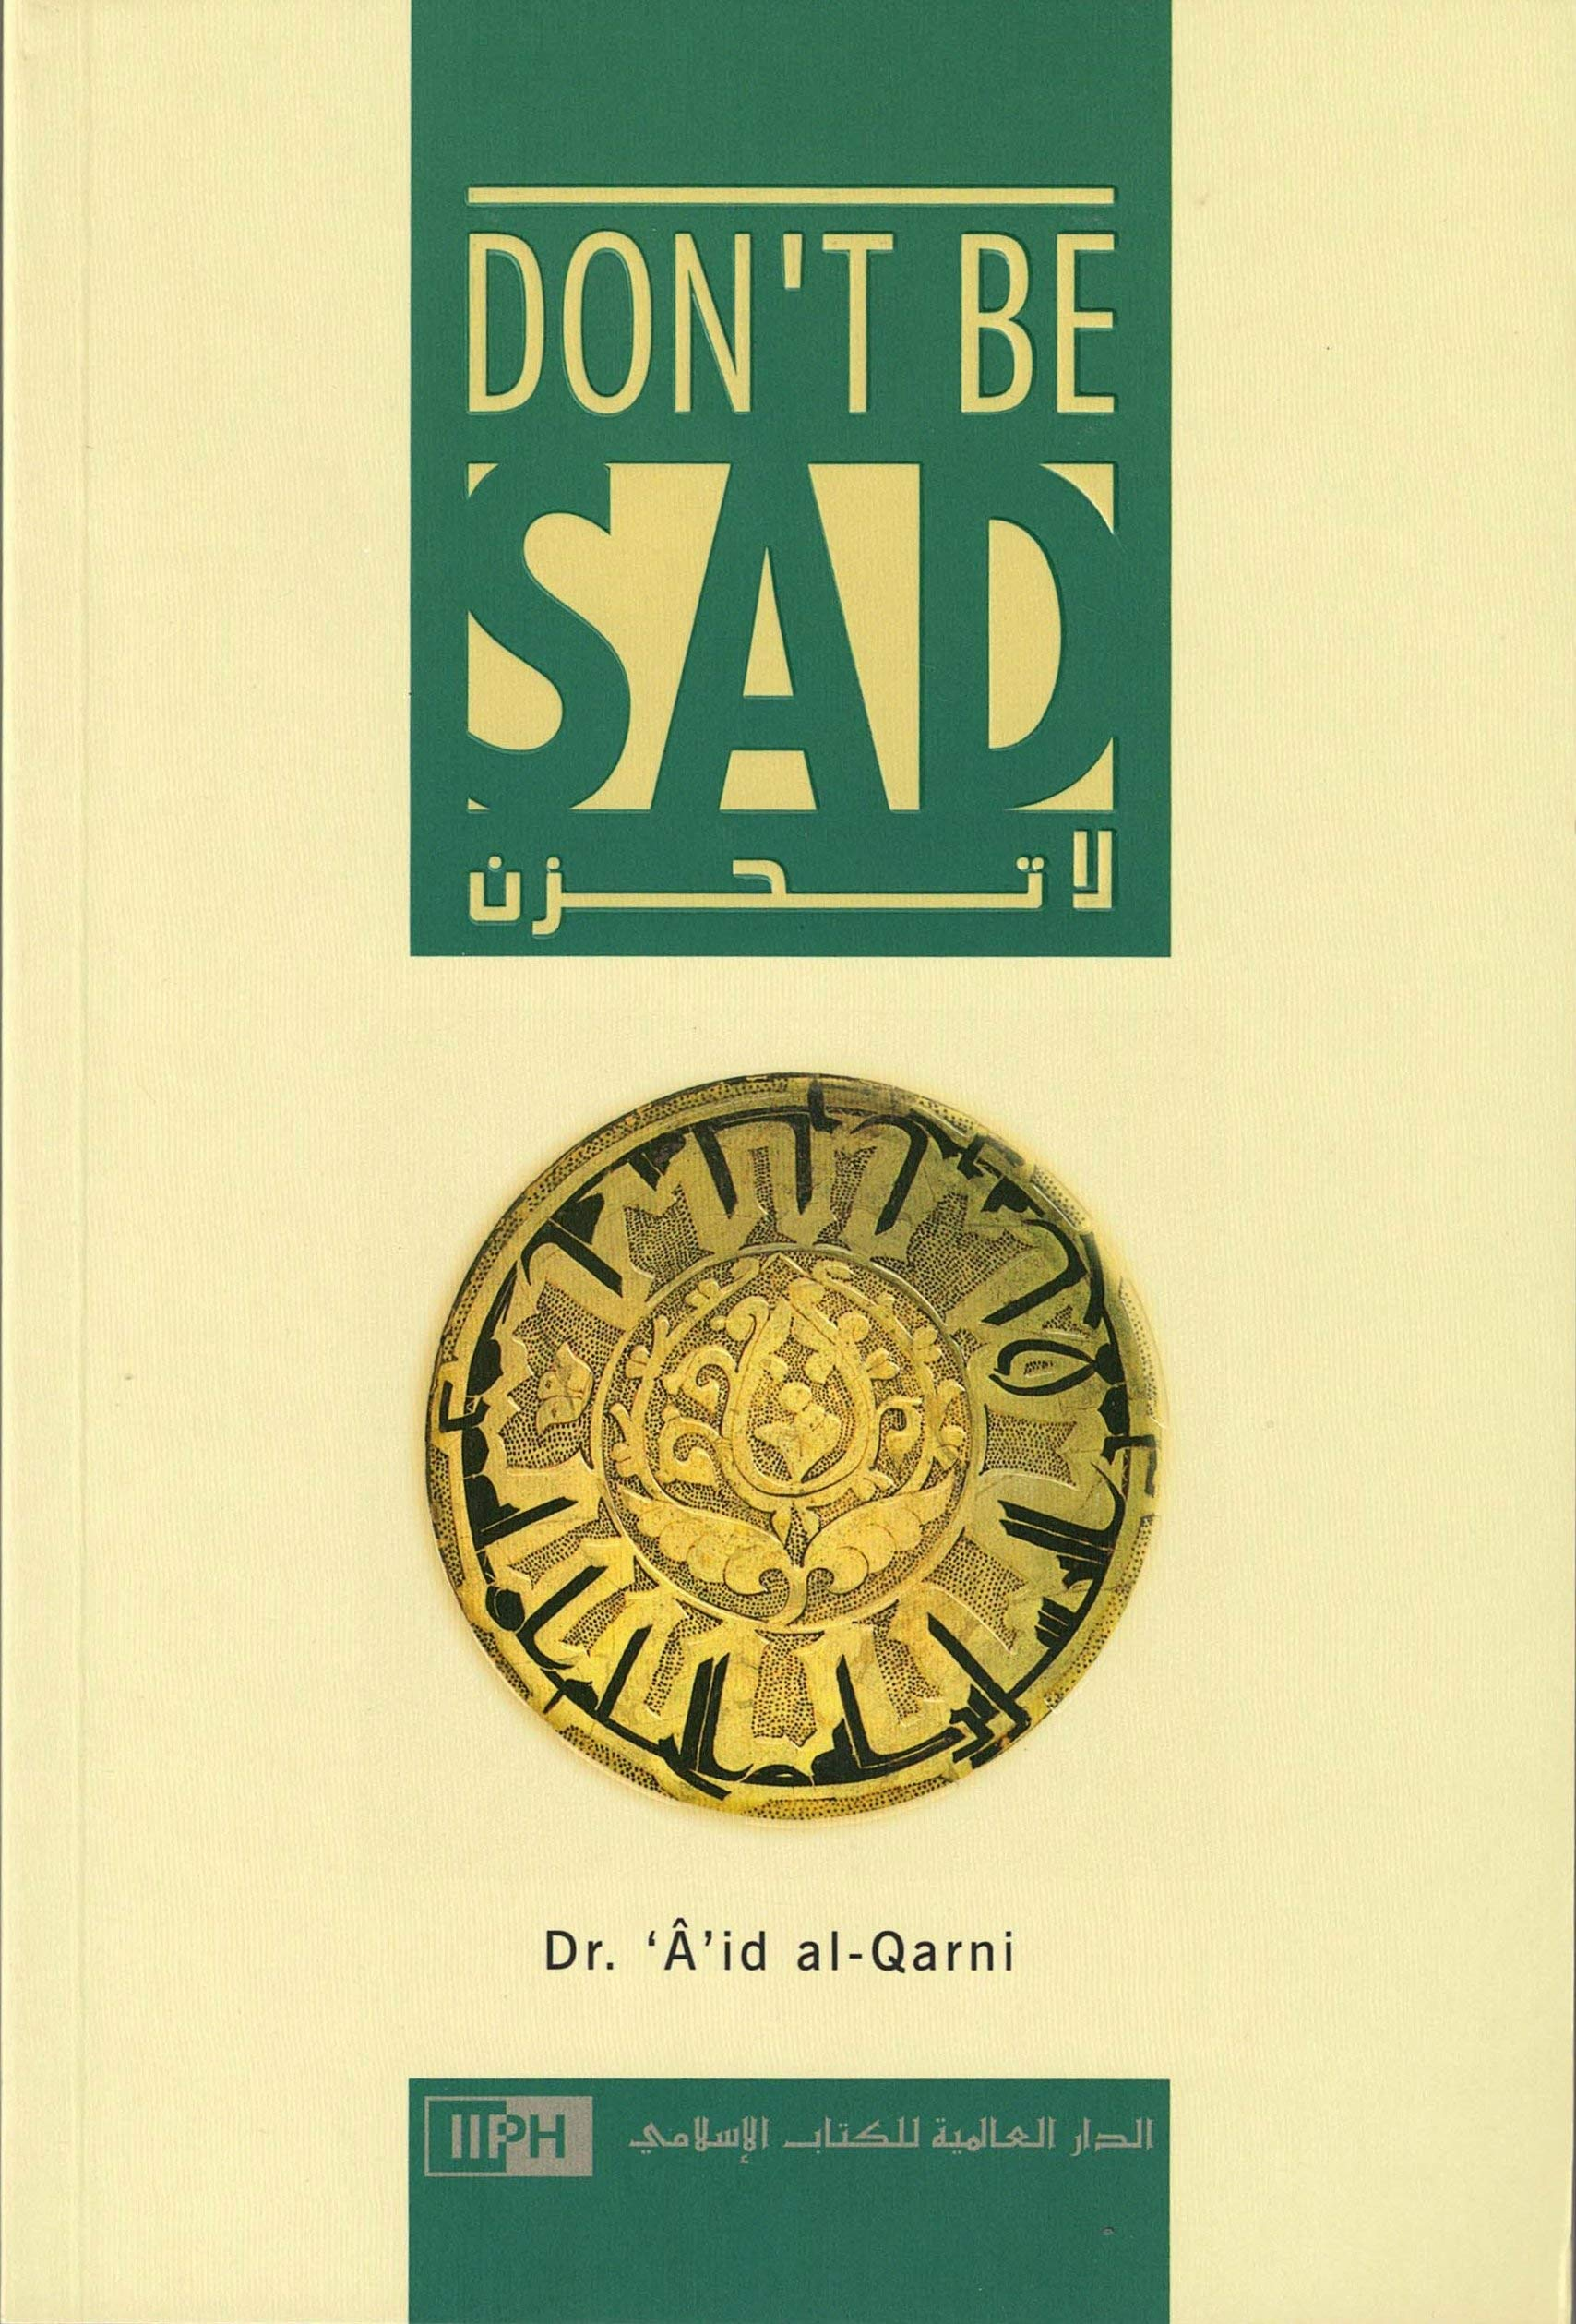 Book sad dont be